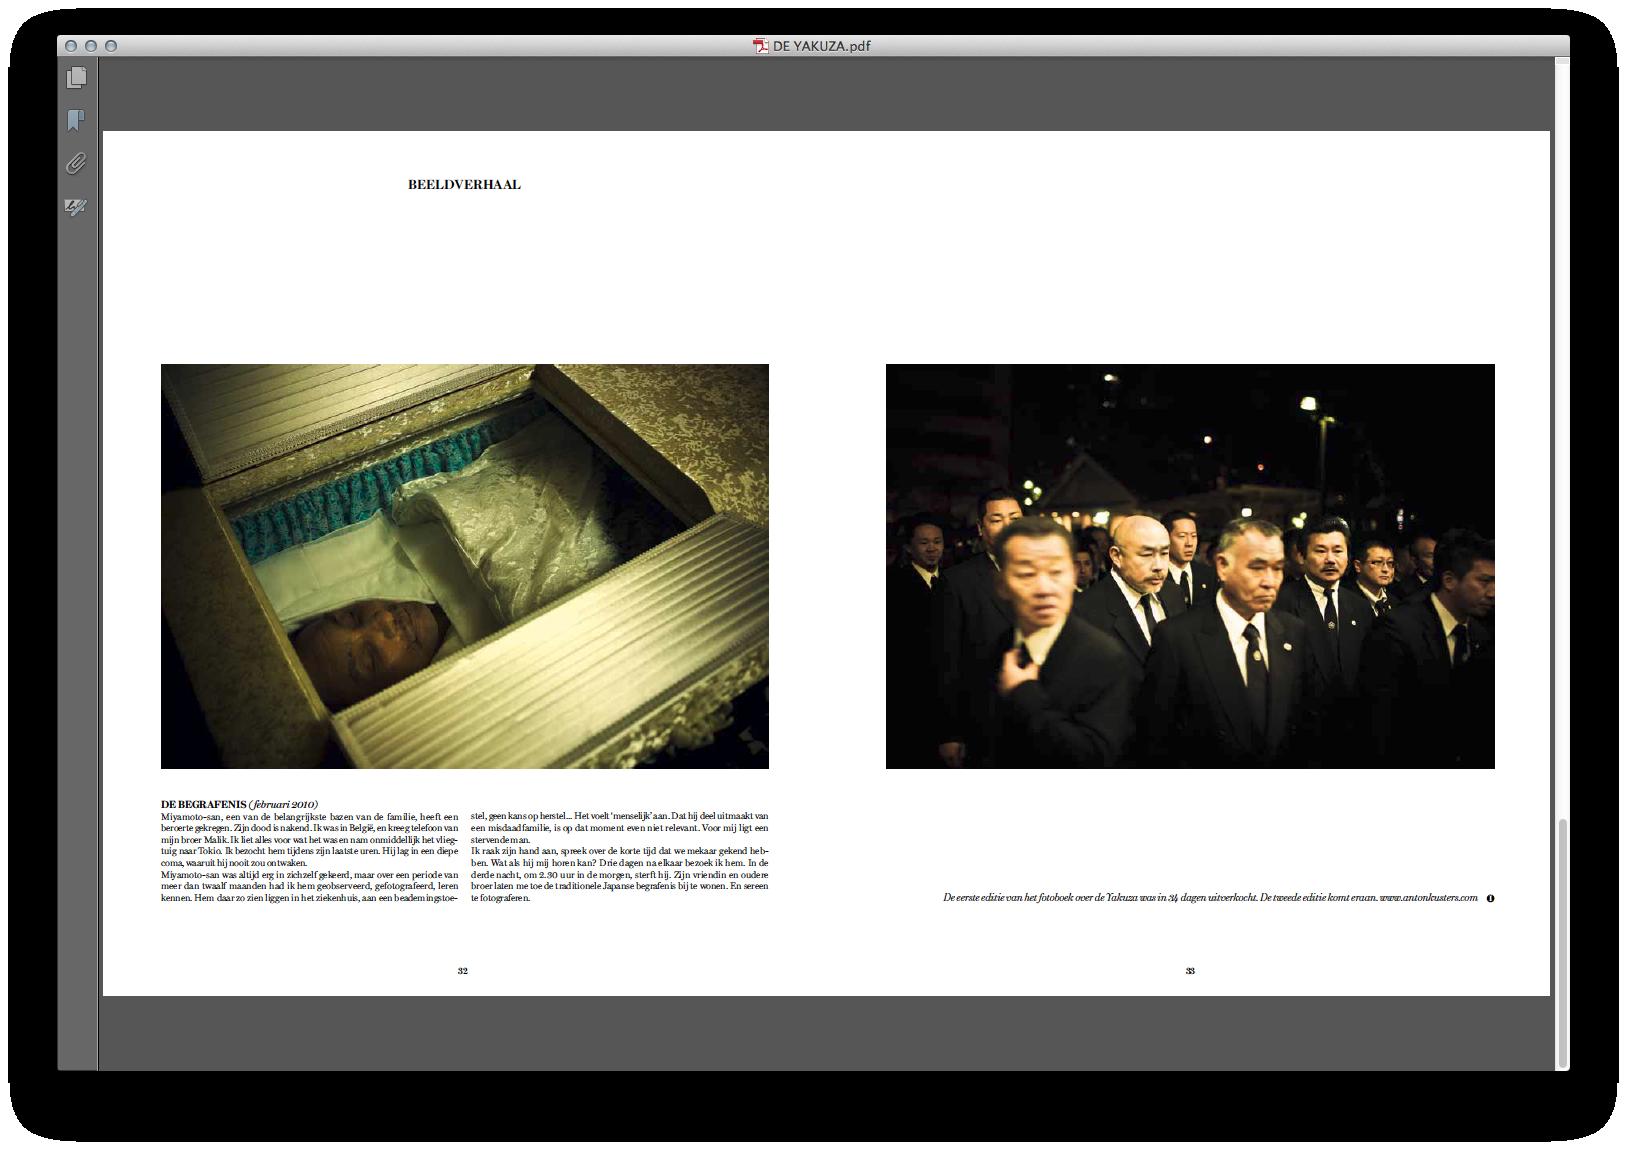 Screen-Shot-2012-02-12-at-13.38.25.png